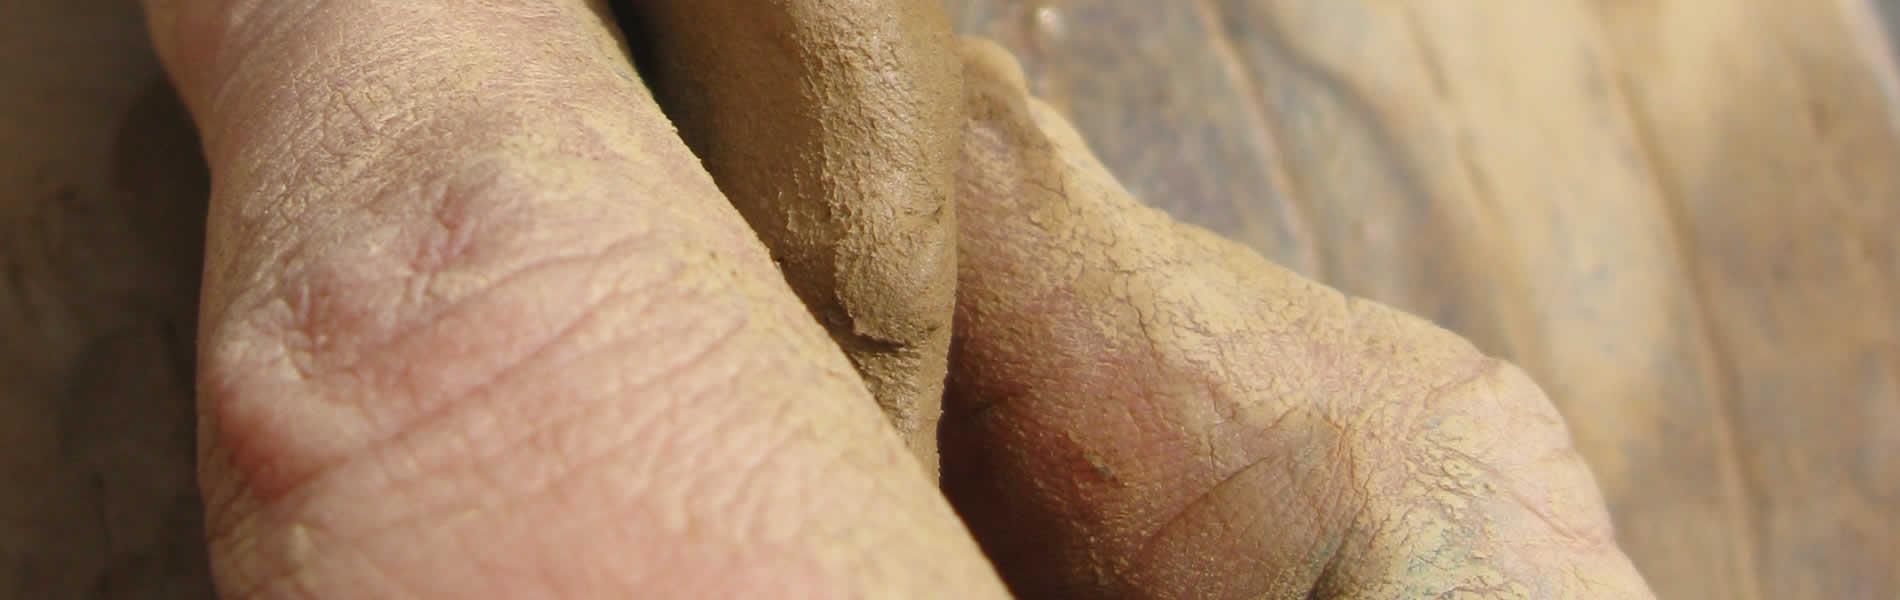 """Μάθημα αγγειοπλαστικής στα πλαίσια τής διοργανώσεως """"Ευρωπαϊκές μέρες χειροτεχνίας"""" με τη Μαρίβα"""